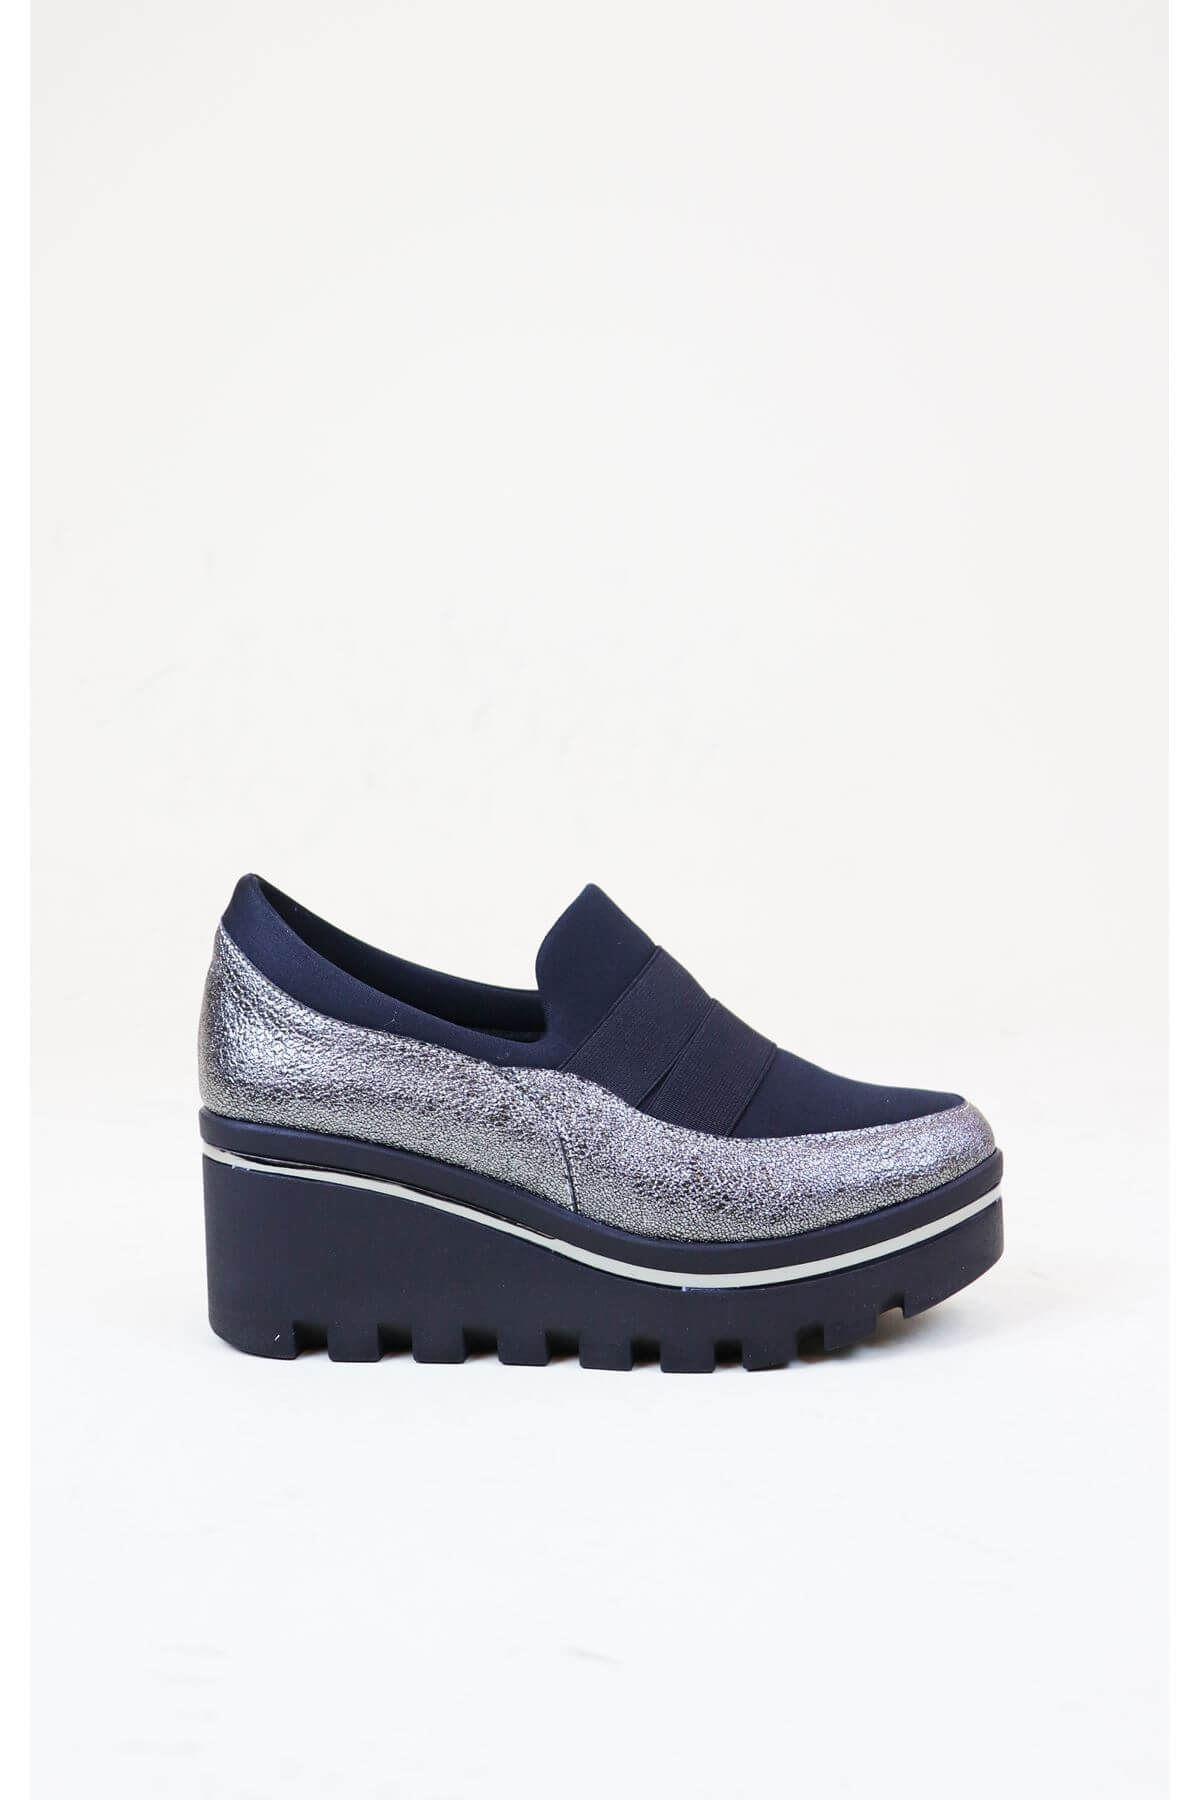 Trend Ayakkabı 1009 Kadın Platin Dolgu Topuk Ayakkabısı